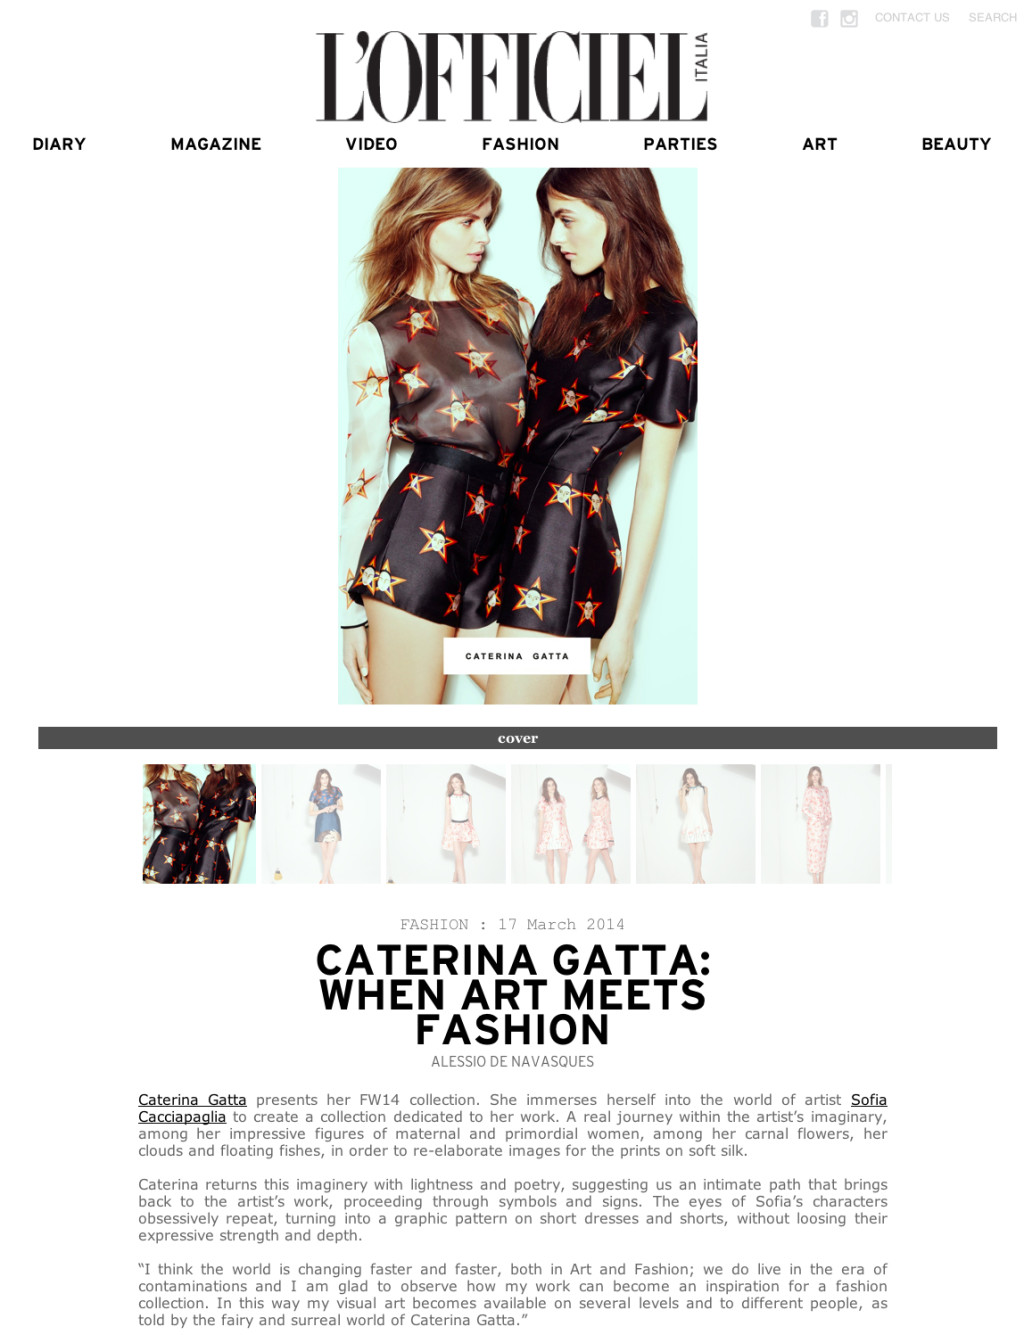 Progetto_caterina_gatta_officiel